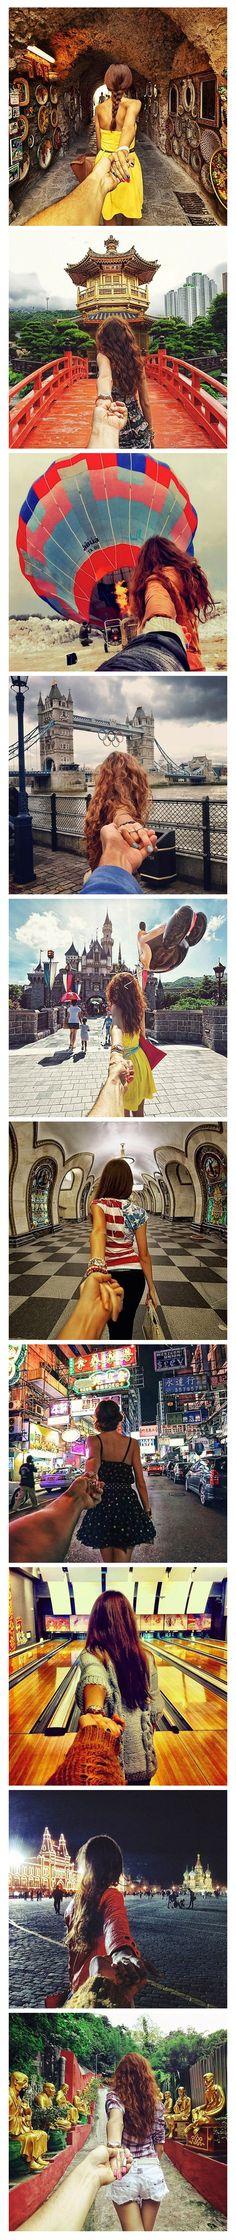 Man follows girlfriend all around the world © Murad Osmann